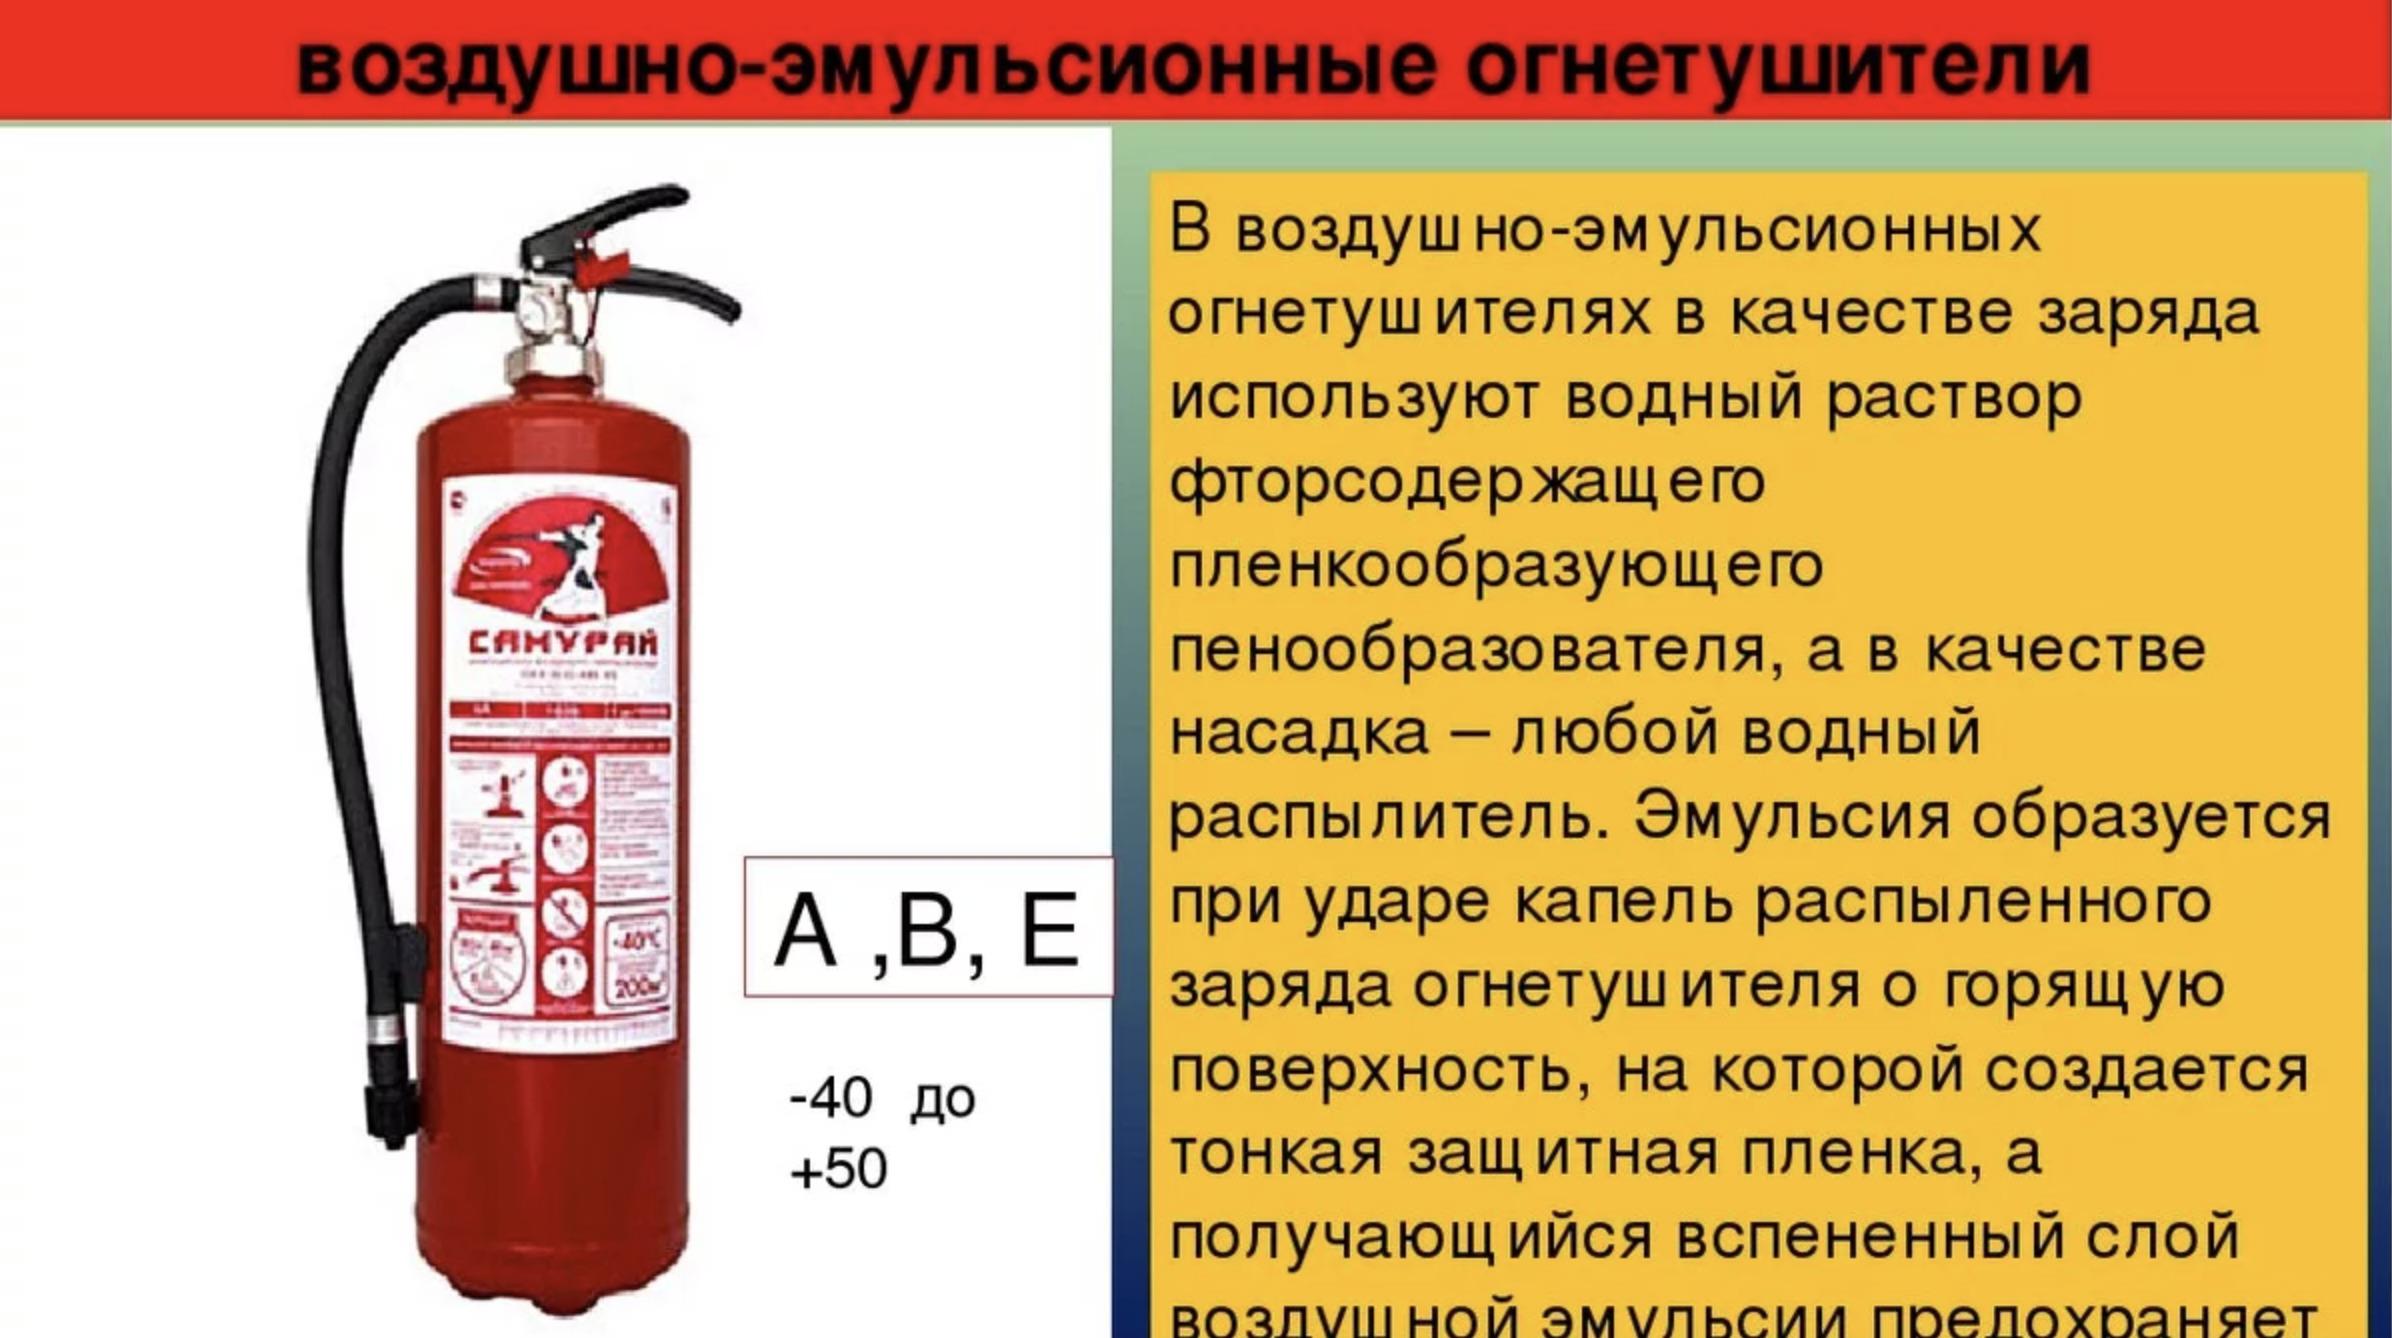 image-Воздушно-эмульсионный-огнетушитель